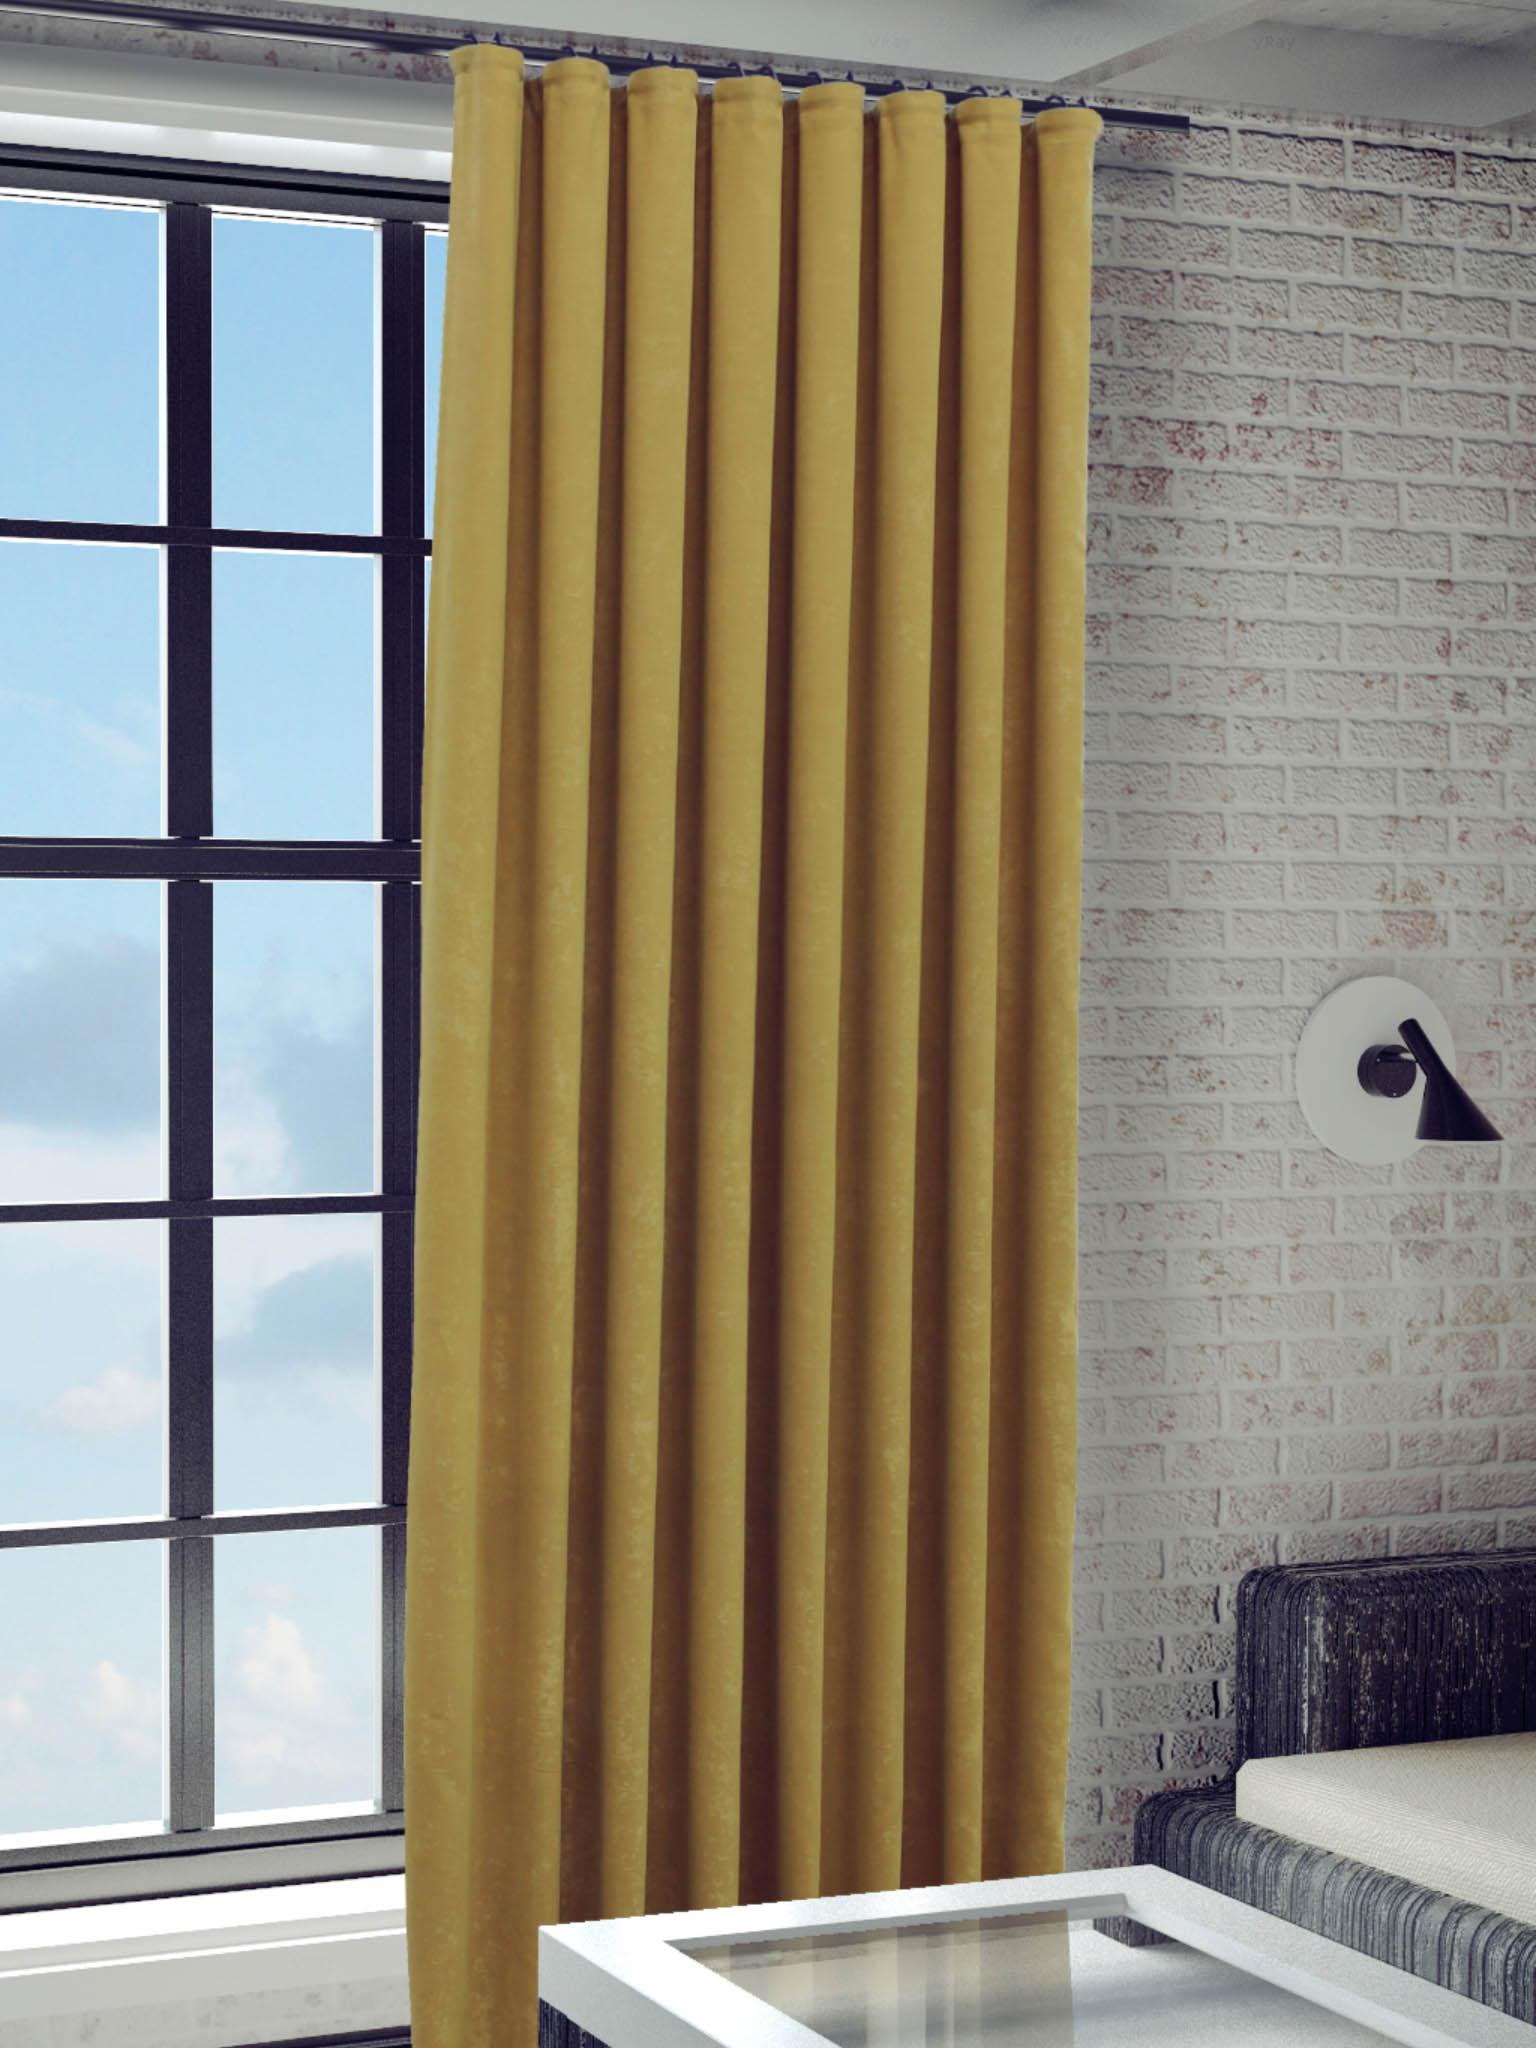 Шторы SanpaШторы<br>ВНИМАНИЕ! Комплектация штор может отличаться от представленной на фотографии. Фактическая комплектация указана в описании изделия.<br><br>Производитель: Sanpa<br>Cтрана производства: Россия<br>Классические шторы<br>Материал портьеры: Бархат (Софт)<br>Состав портьеры: 100% Полиэстер<br>Размер портьеры: 200х270 см (1 шт.)<br>Вид крепления: Лента<br>Тип карниза: Однорядный карниз<br>Рекомендуемая ширина карниза (см): 100-290<br><br>Заказывая шторы нужно помнить, что полотно портьеры (2 шт. для 1 окна) и гардины (1 шт на окно) не вешается «в натяжку». Исключение составляют римские и японские шторы. Все остальные модели предусматривают образование складок, а для этого ширина шторы должно быть больше длины карниза (как правило в 1.5-2.5 раза). Чем больше соотношение тем гуще складки, коэффициент 1.5 считается минимально допустимой сборкой, в то время как 2.5 сборка с густыми складками. Размер карниза указанный в описании предполагает, что вы будете использовать 1 гардину на 1 окно. Ели вы собираетесь использовать к примеру 2 гардины на 1 окно, то размер карниза должен быть в 2 раза больше, чем указано.<br><br>Тип: шторы<br>Размерность комплекта: Классические шторы<br>Материал: Бархат<br>Размер наволочки: None<br>Подарочная упаковка: Классические шторы<br>Для детей: Классические шторы<br>Ткань: Бархат<br>Цвет: Бежевый